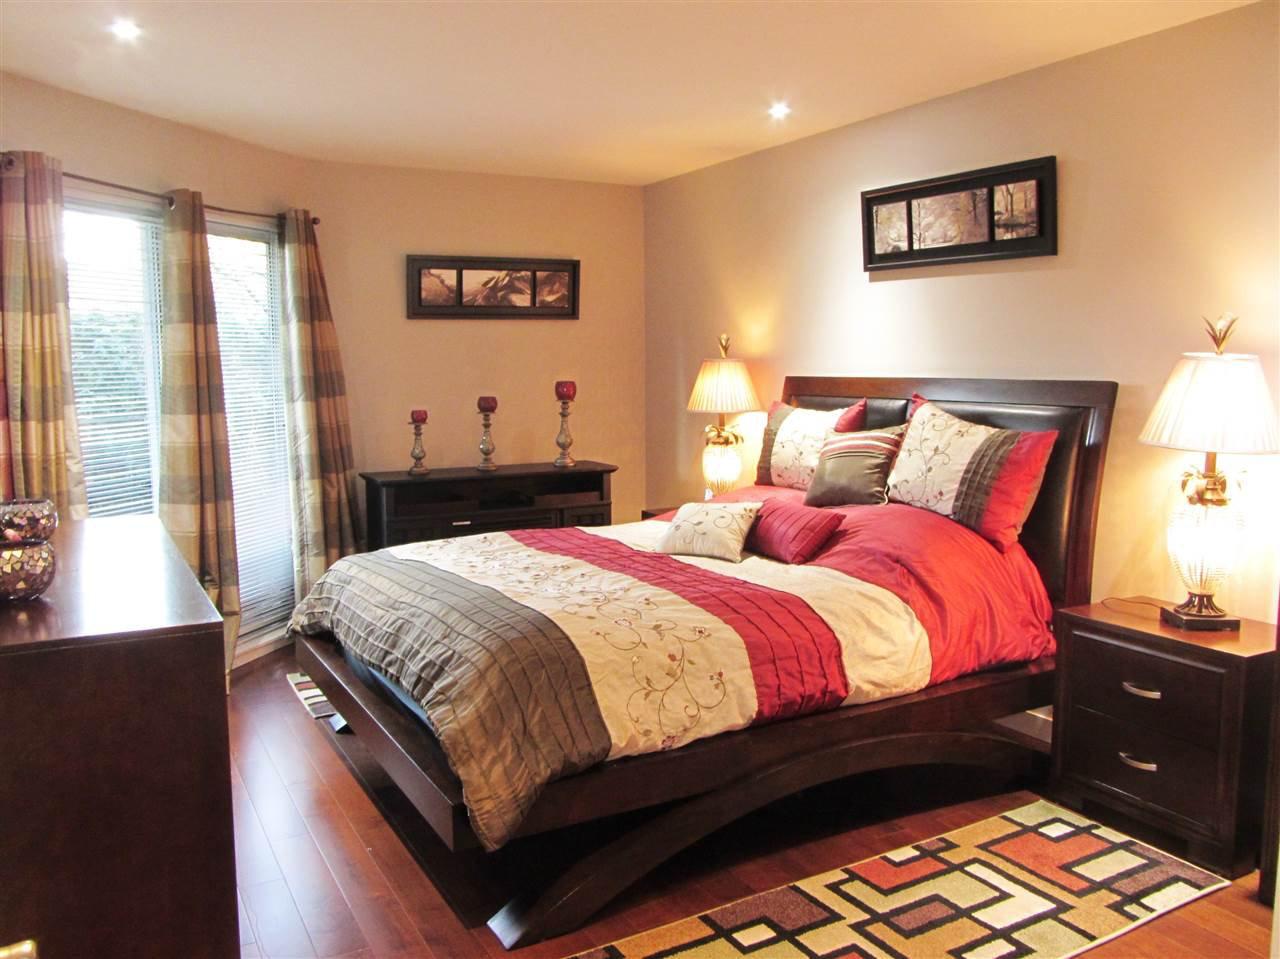 Photo 9: Photos: 114 15110 108 Avenue in Surrey: Bolivar Heights Condo for sale (North Surrey)  : MLS®# R2239803